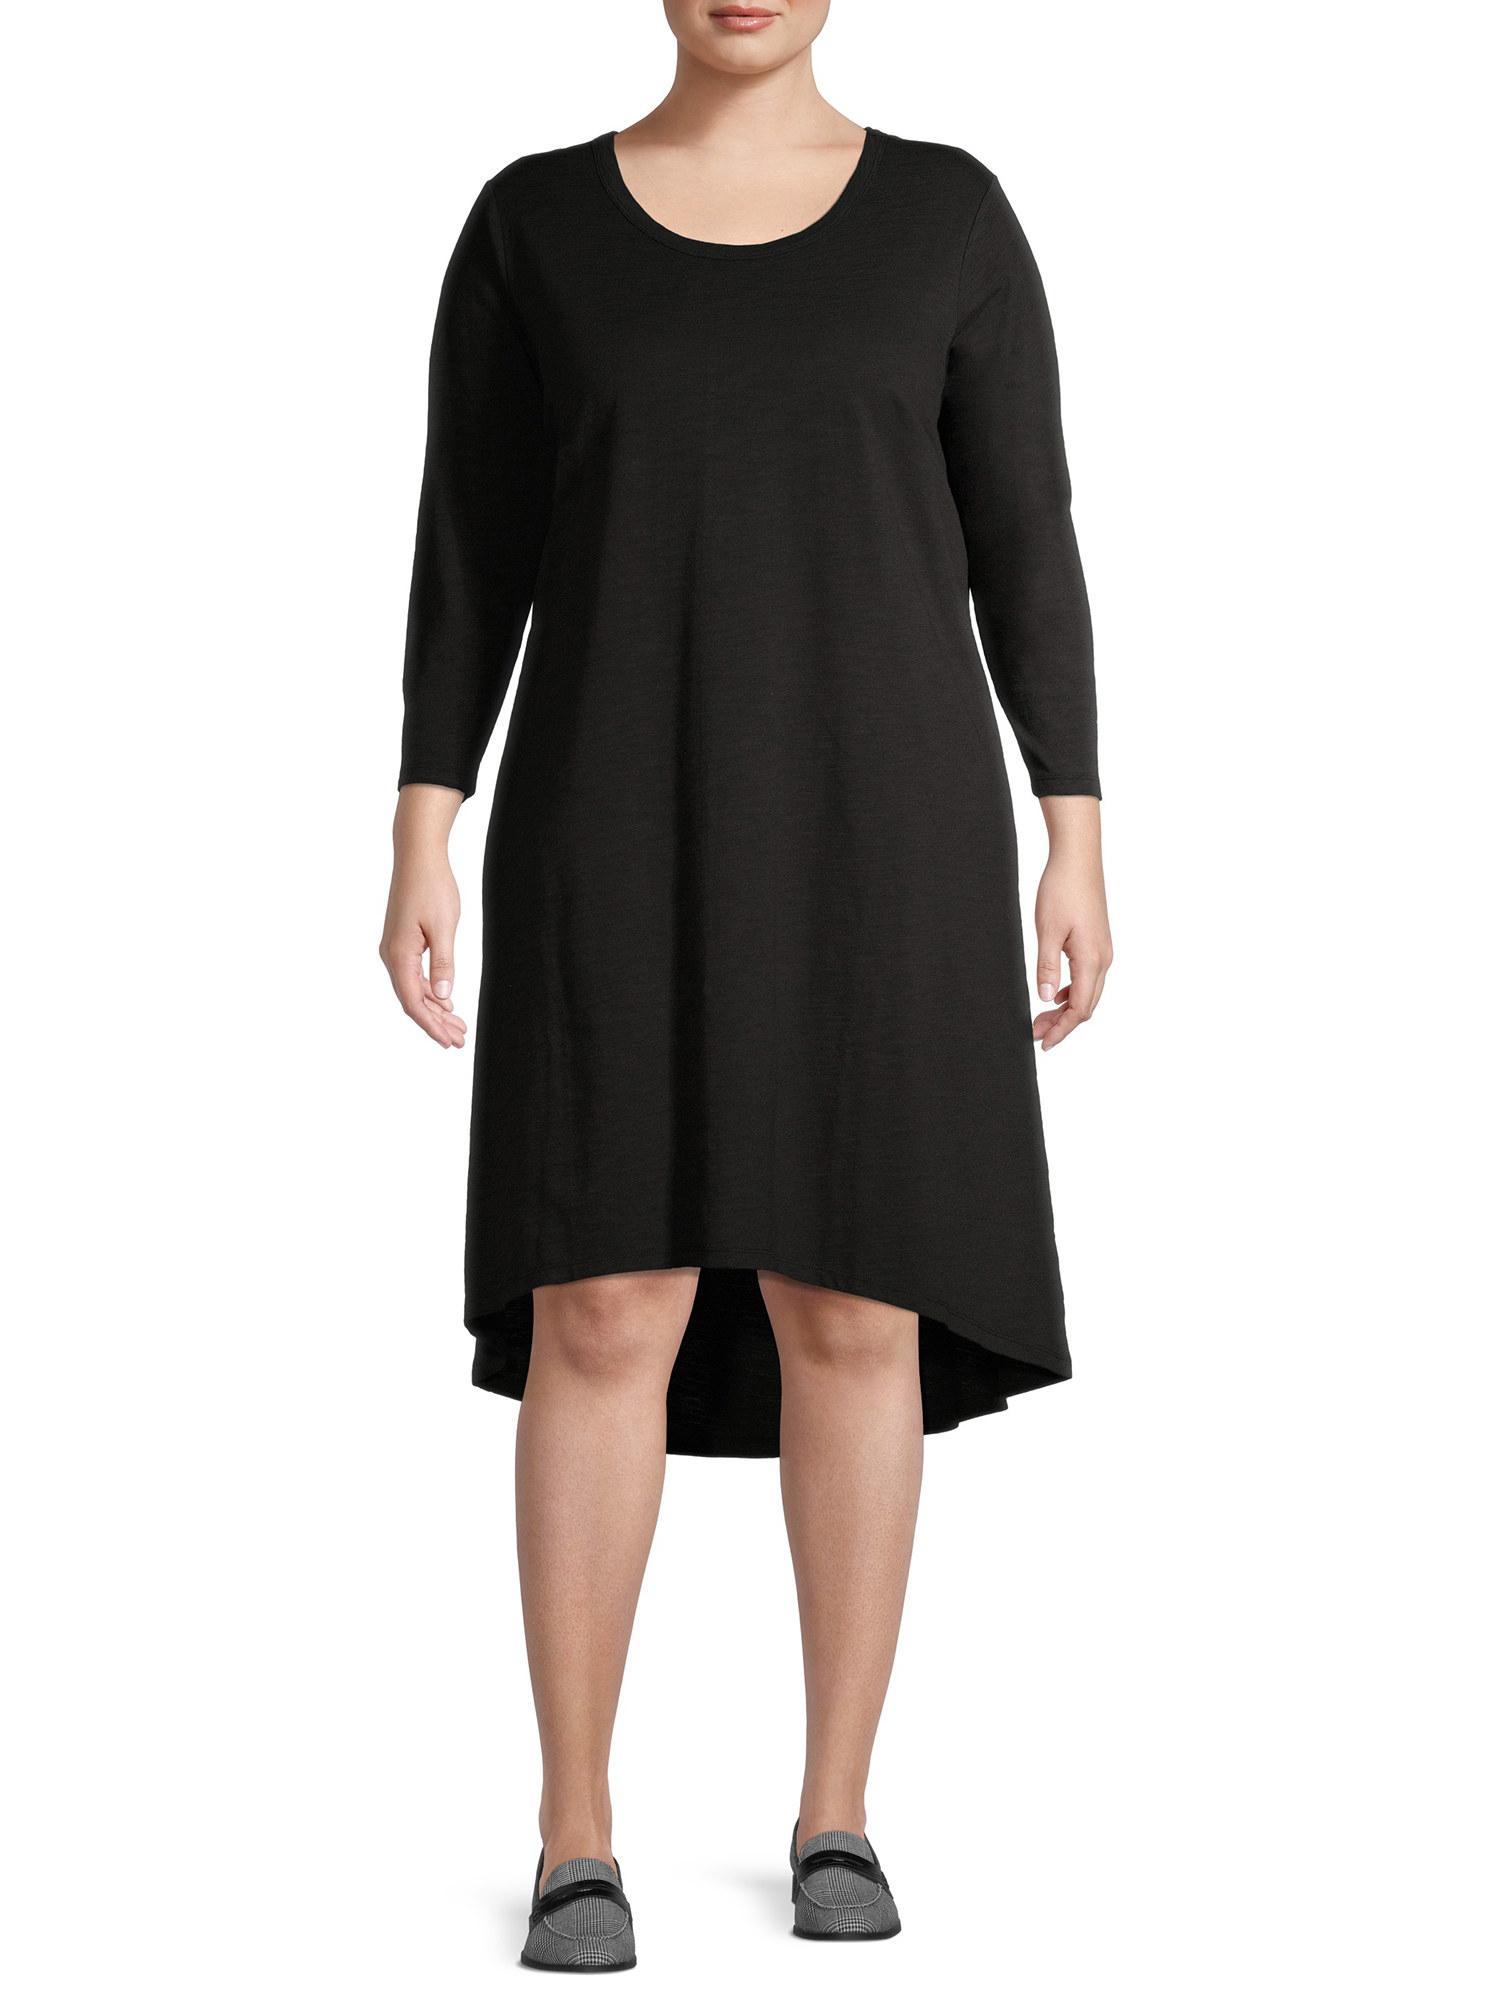 model wearing a black high-low dress